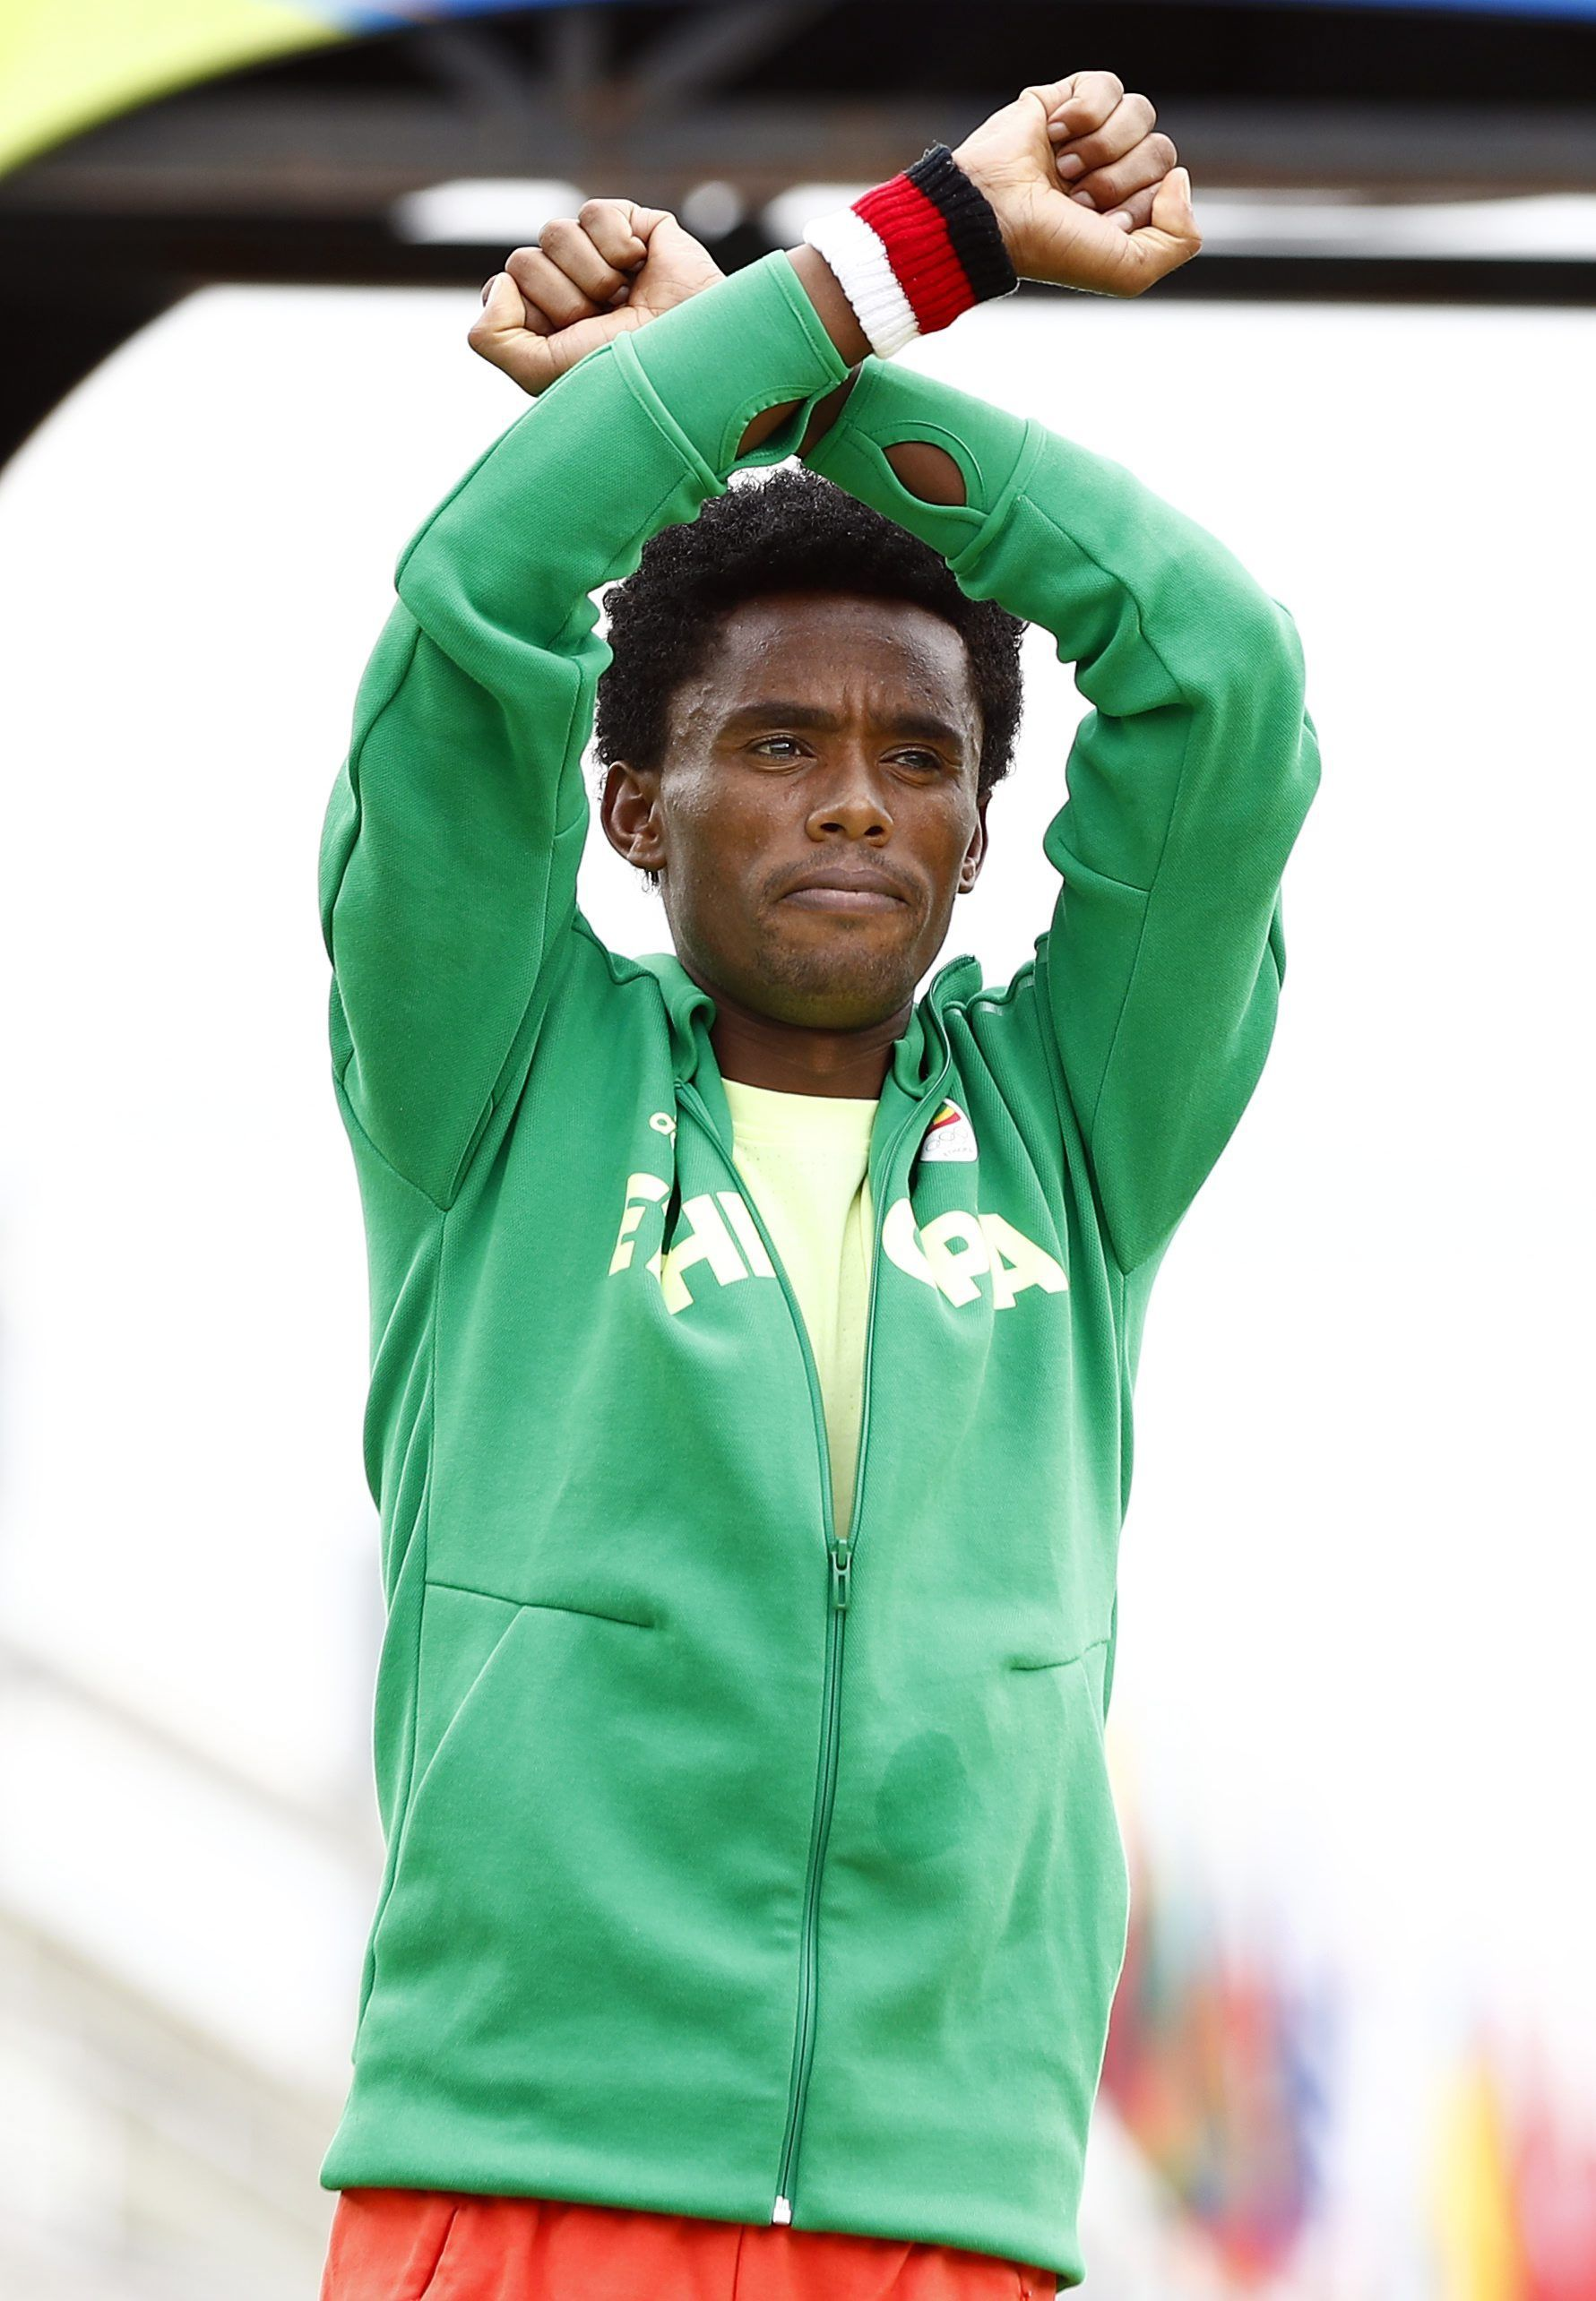 El cruel relato del etíope que fue segundo en maratón: Pueden matarme al llegar a mi país